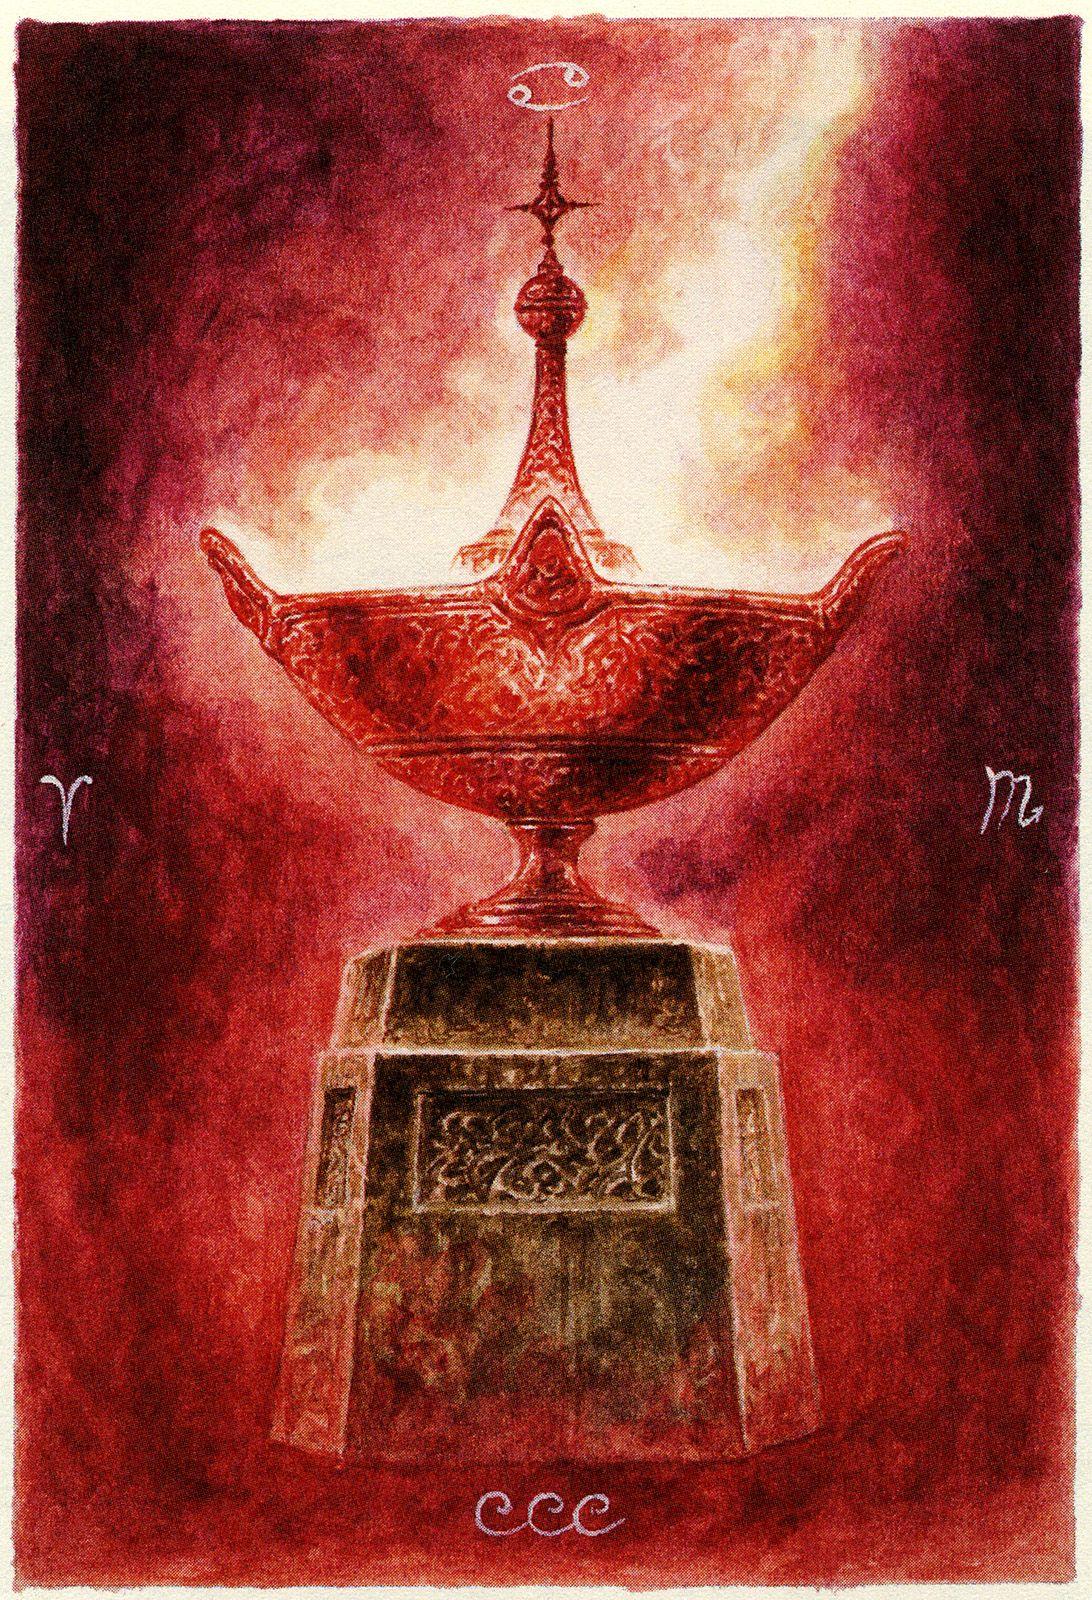 Luis Royo - The Labyrinth Tarot - Minor Arcana: Cups Human